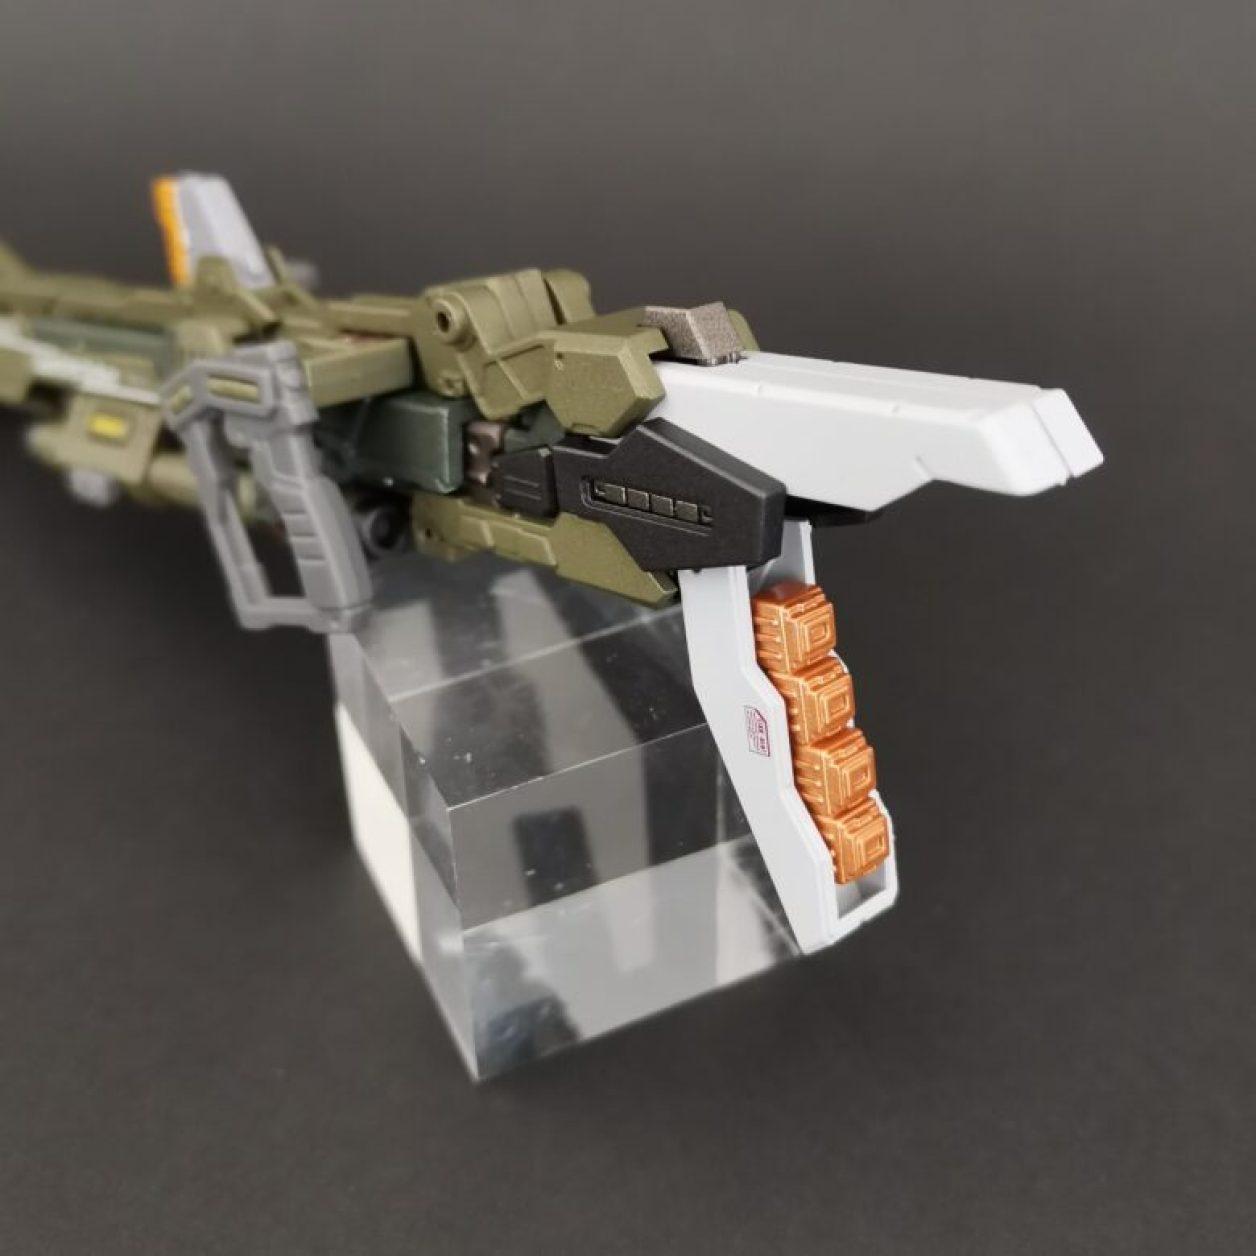 METALBUILD (メタルビルド)のランチャーストライカー付属品の320mm超高インパルス砲のバッテリーパックのアップ画像